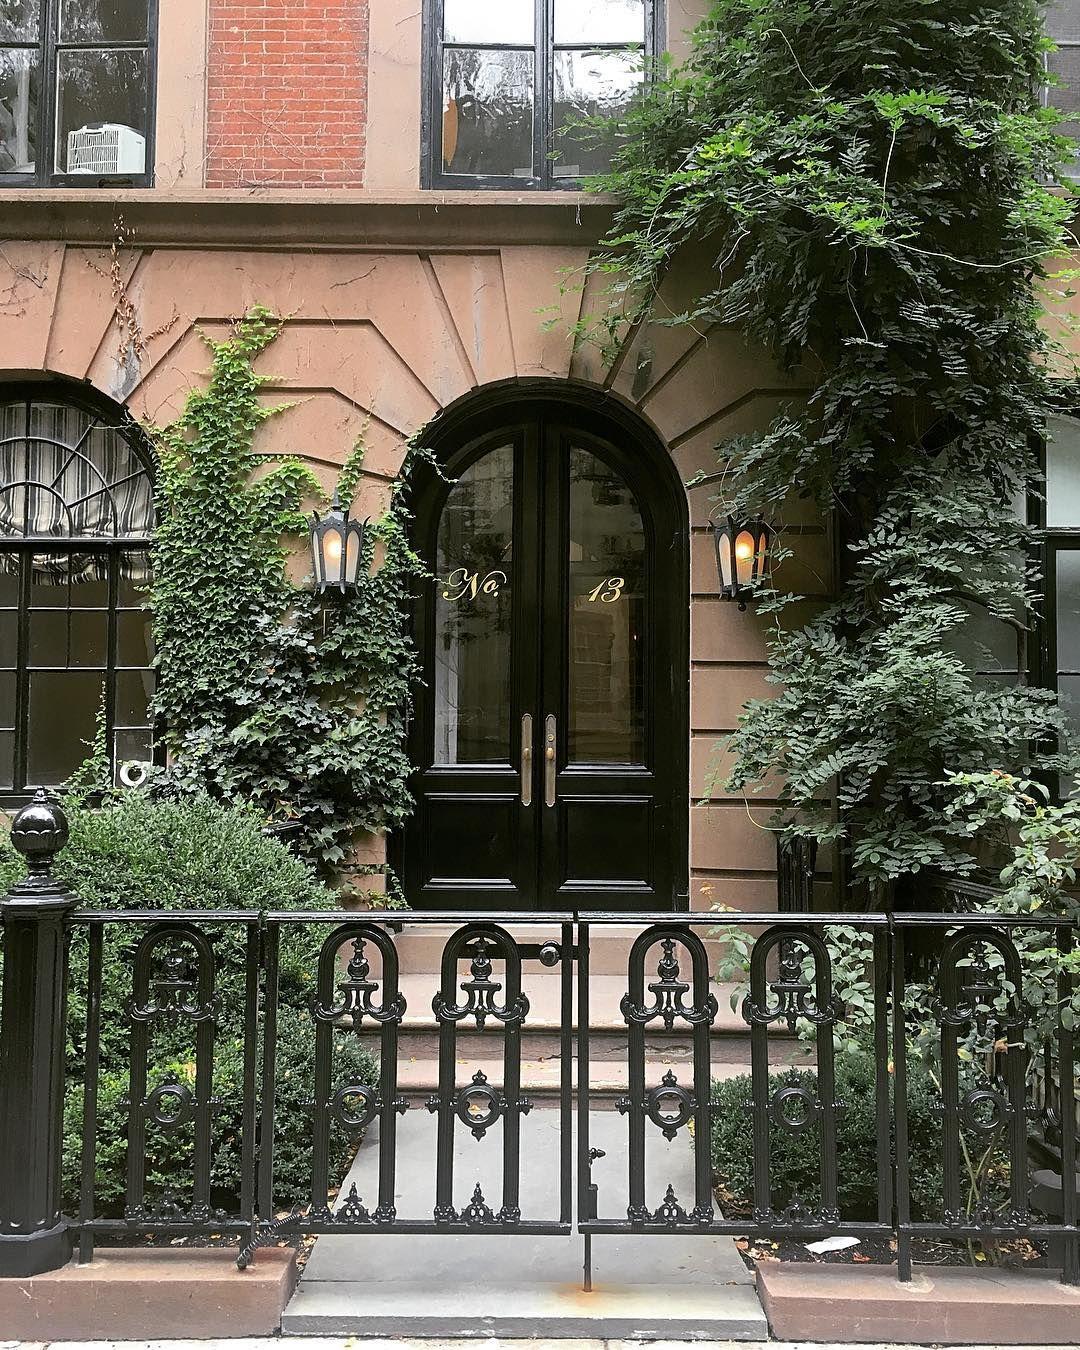 Pin by Missy Sabates on Doors. Bienvenue! ♚ Curb appeal